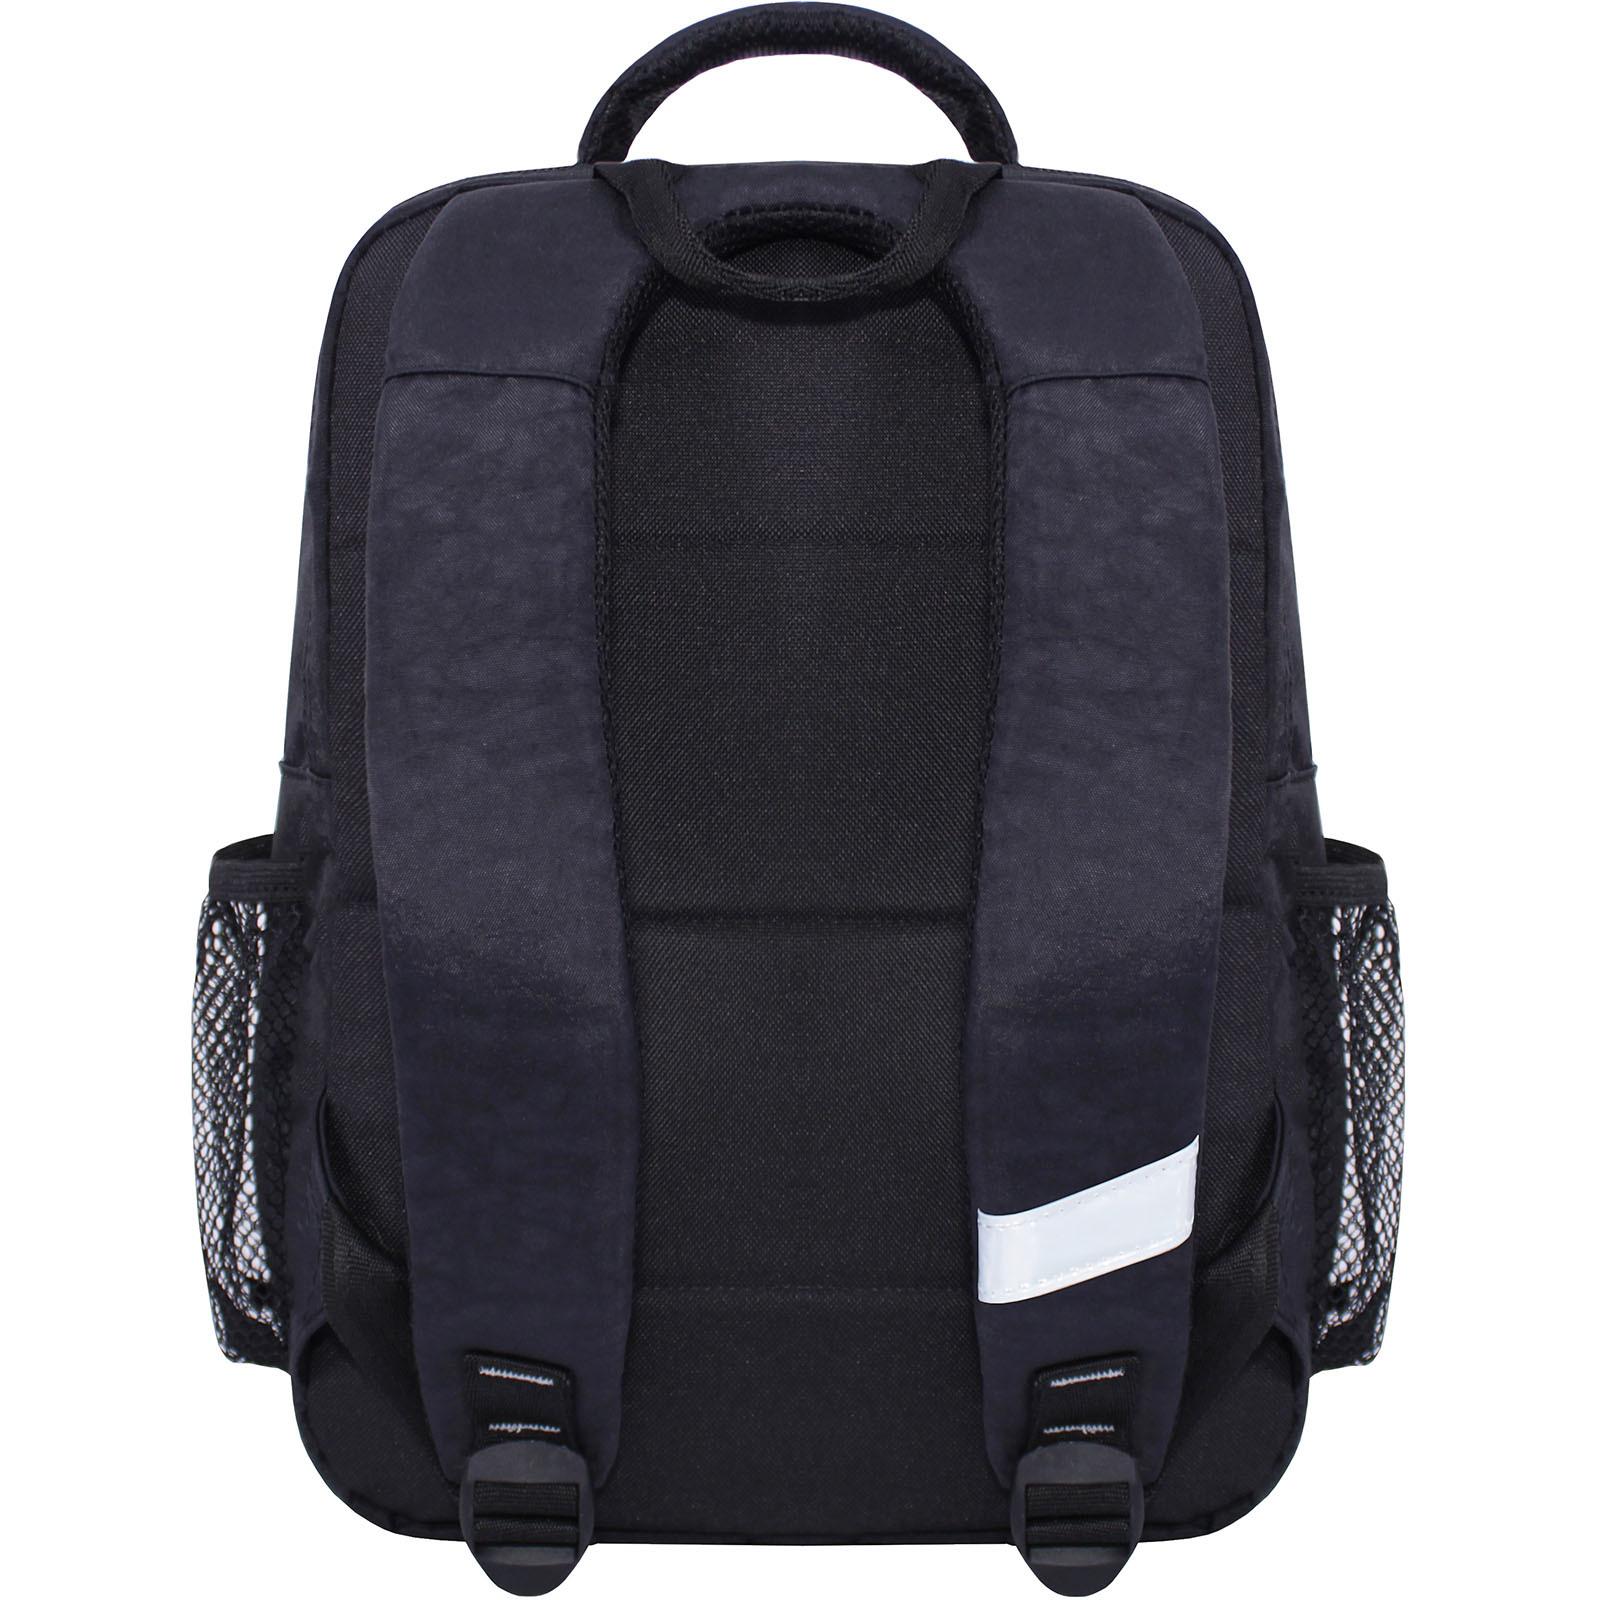 Рюкзак школьный Bagland Школьник 8 л. черный 500 (00112702) фото 3